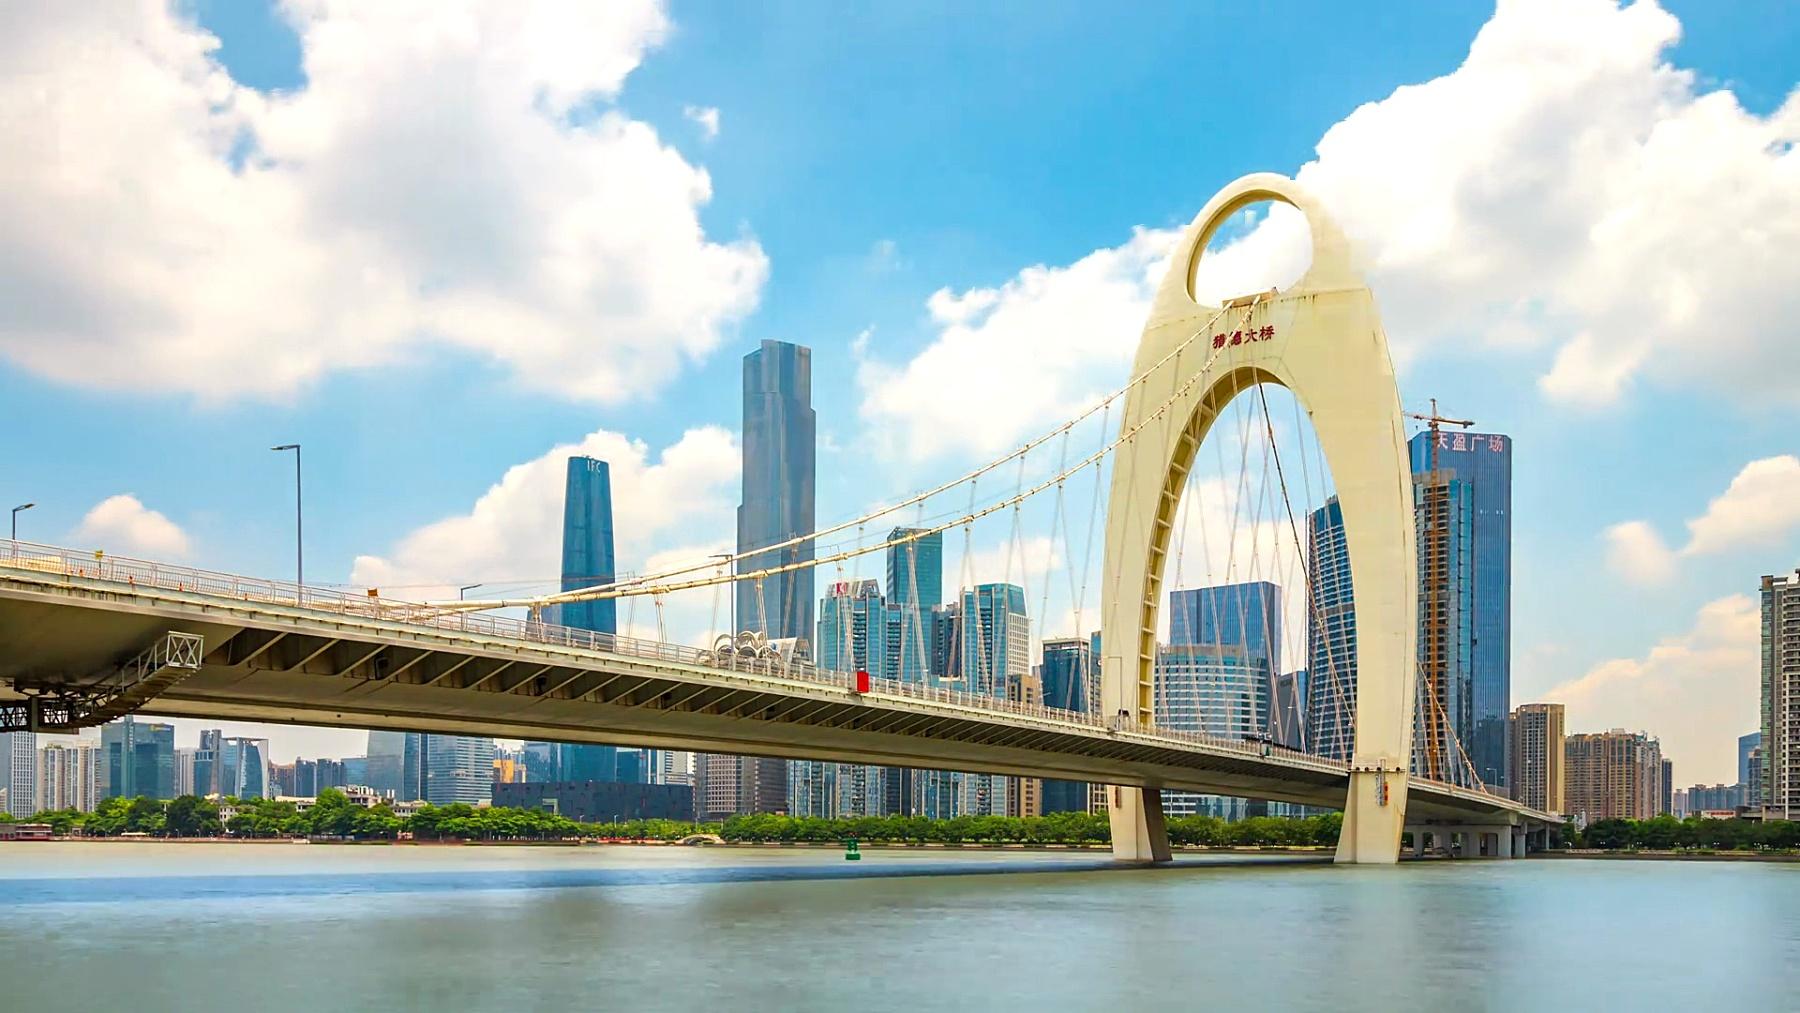 广州广州塔附近的现代桥在蓝云的天空中。时间延迟/中国广州。